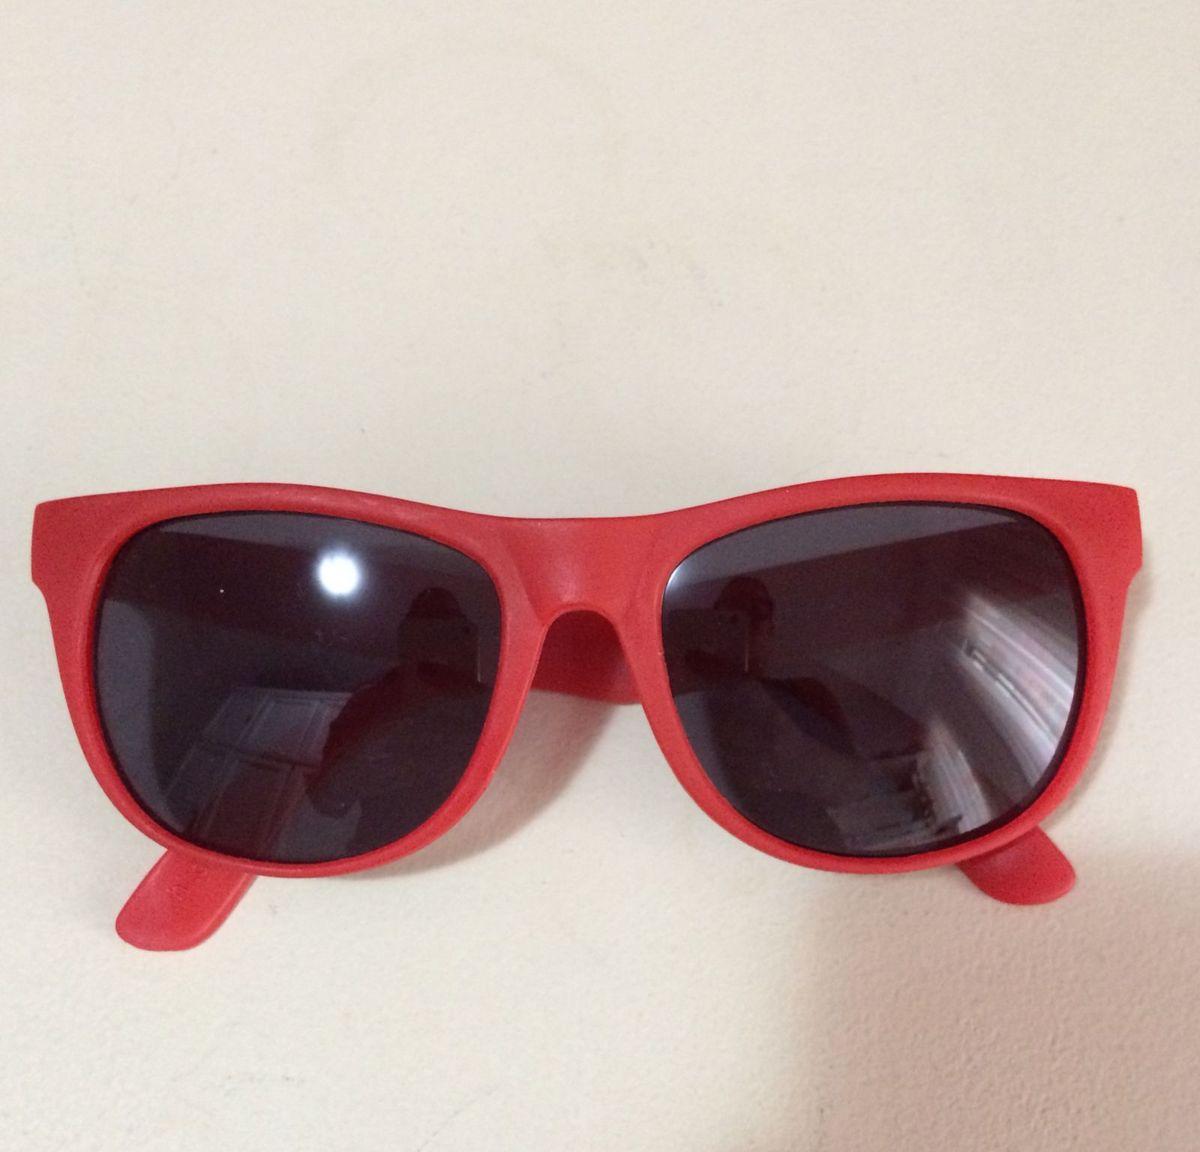 c6b69bf15 Óculos Vermelho Tipo Wayfarer do Canadá   Óculos Feminino Canada ...